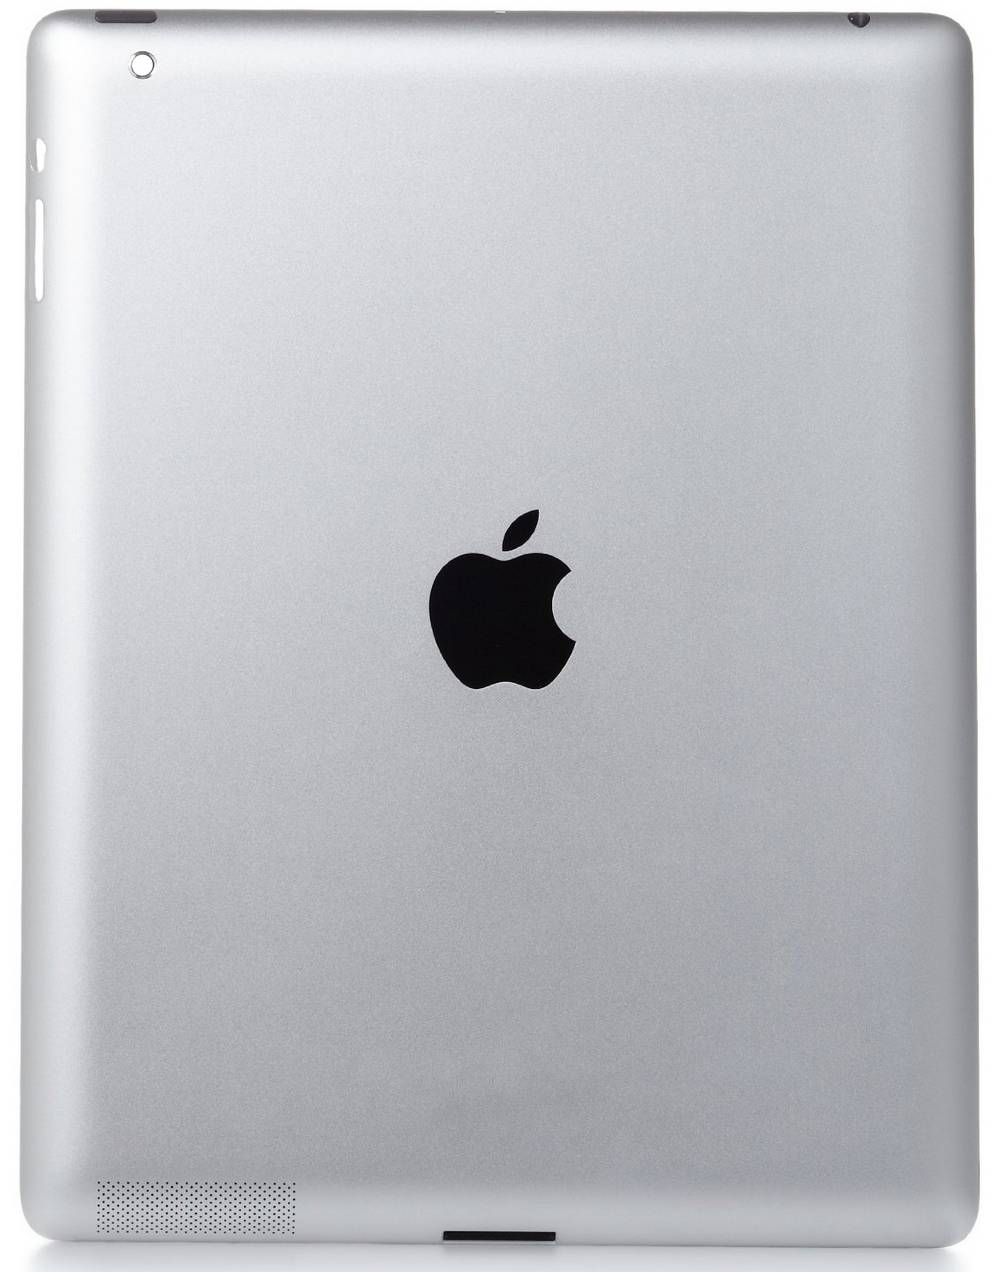 Πίσω Κάλυμμα Apple iPad 3 WiFi Ασημί OEM Type A